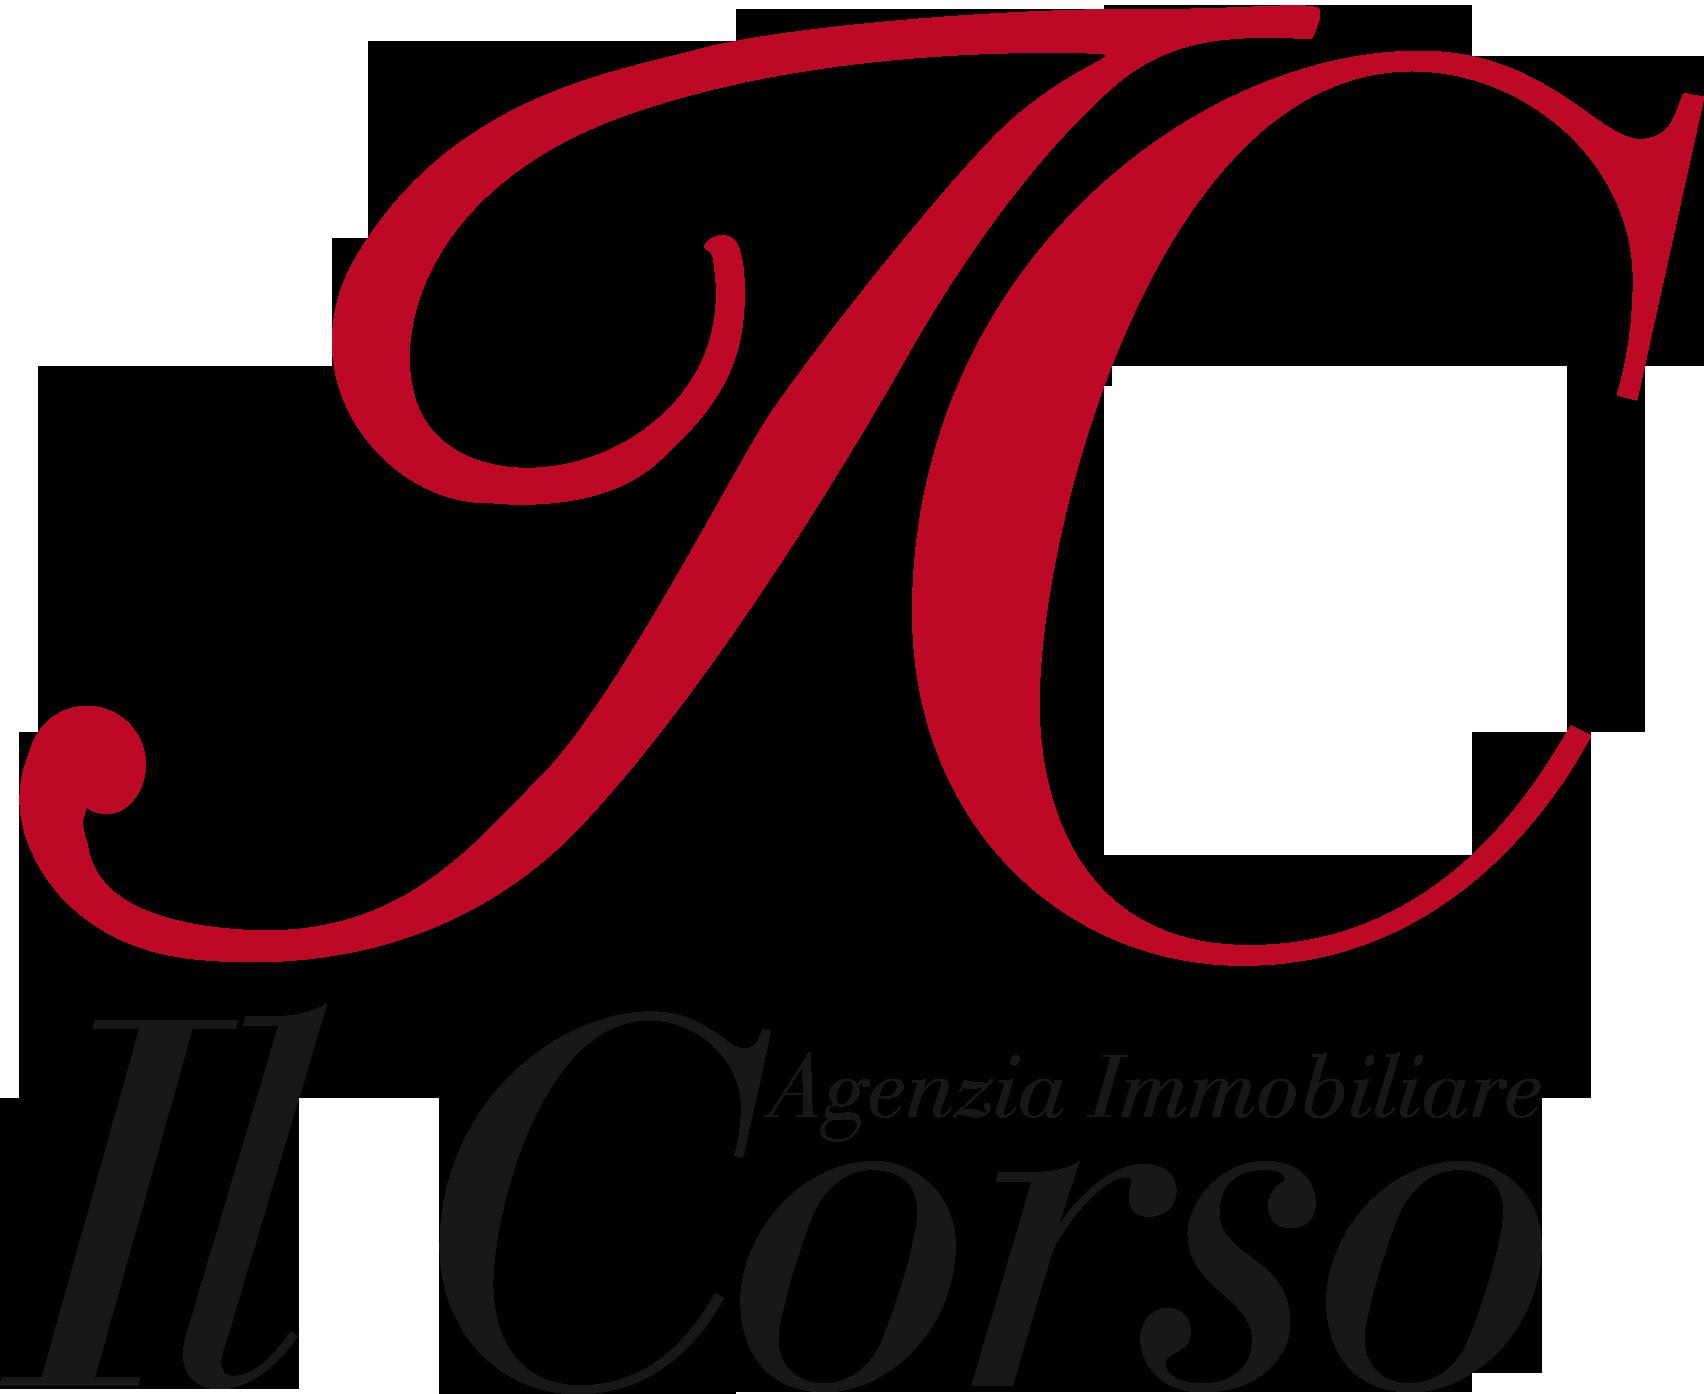 IL CORSO Agenzia Immobiliare